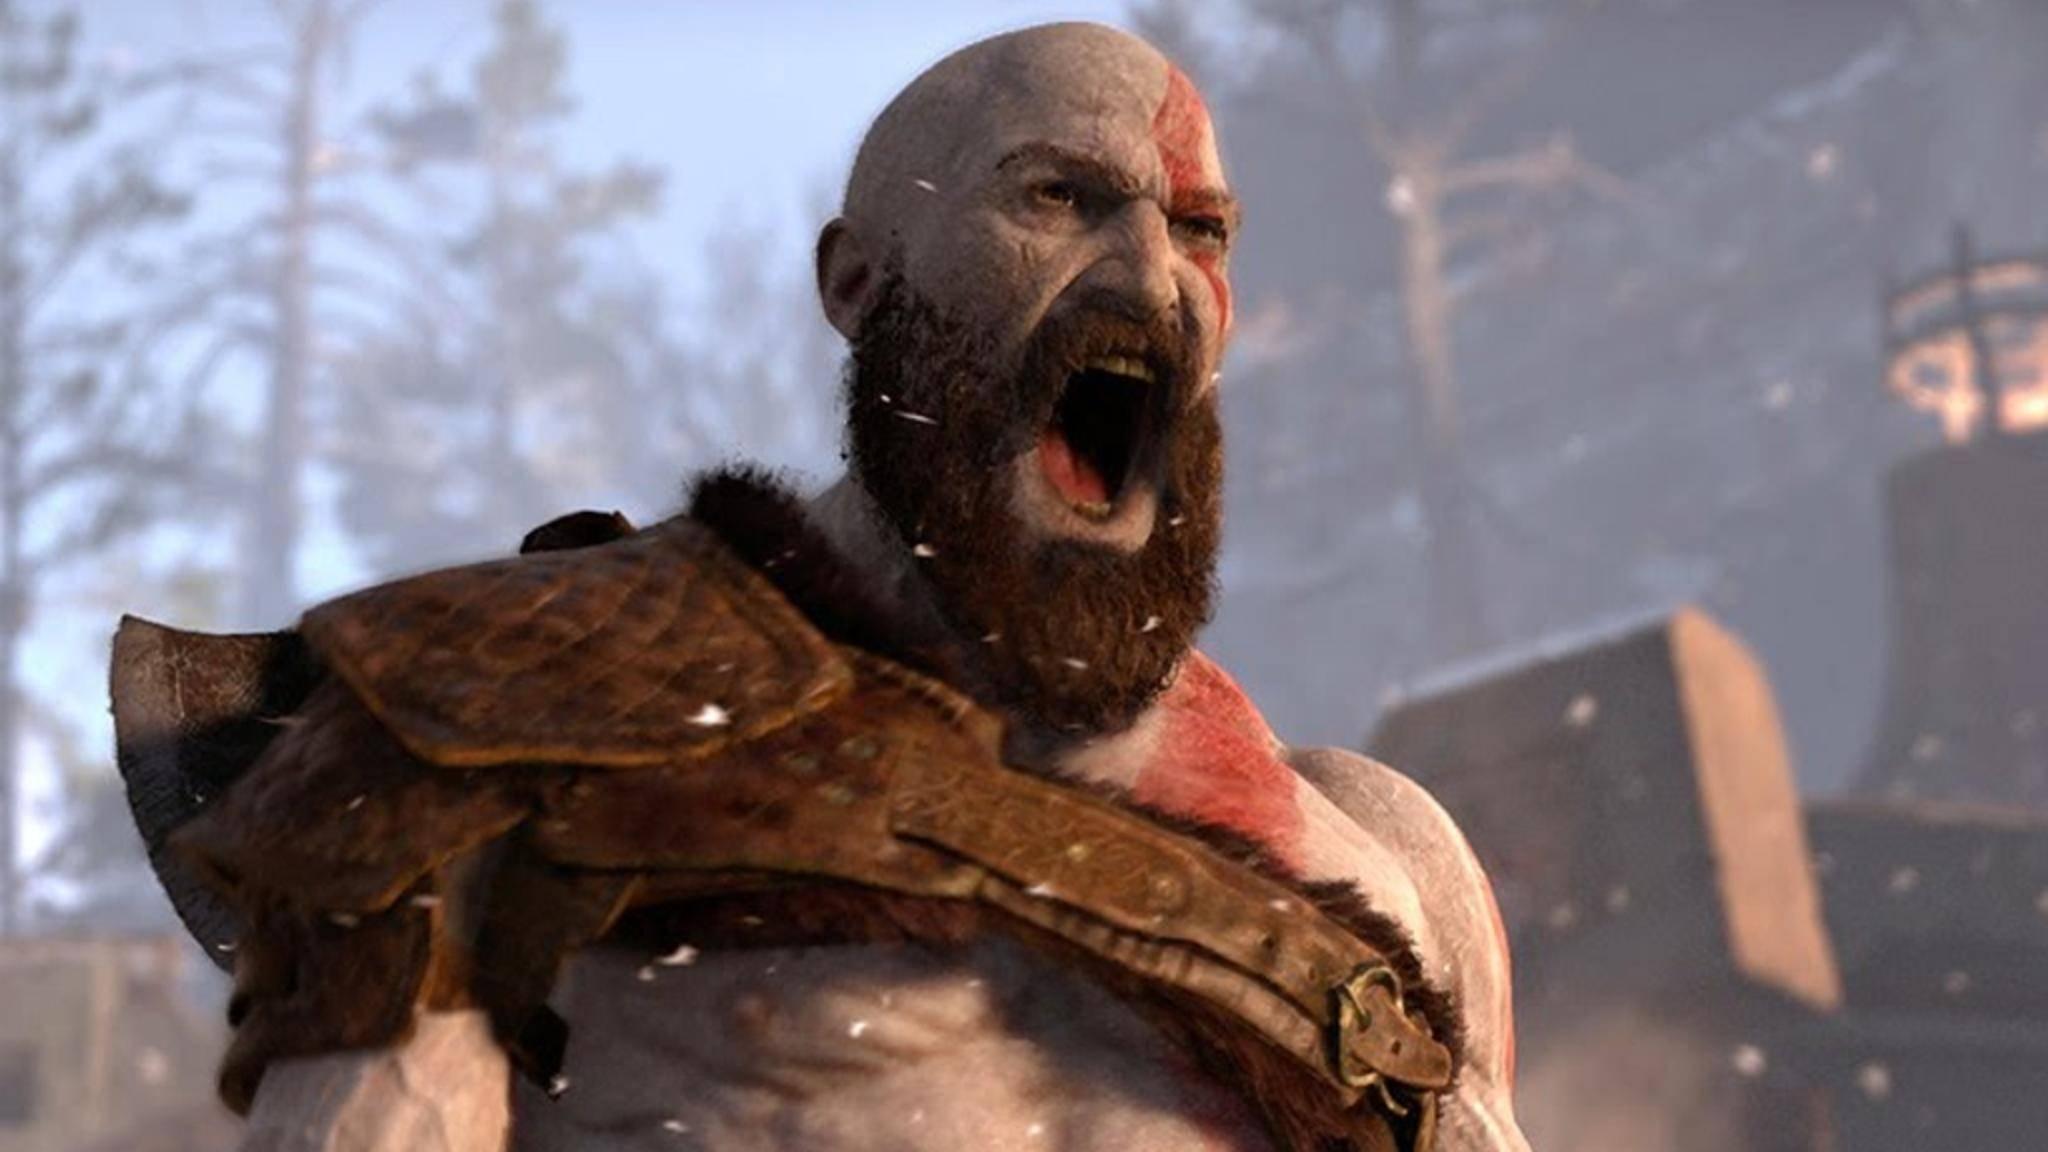 Kratos digital: Viele Spieler kaufen ihre Games mittlerweile als Download.